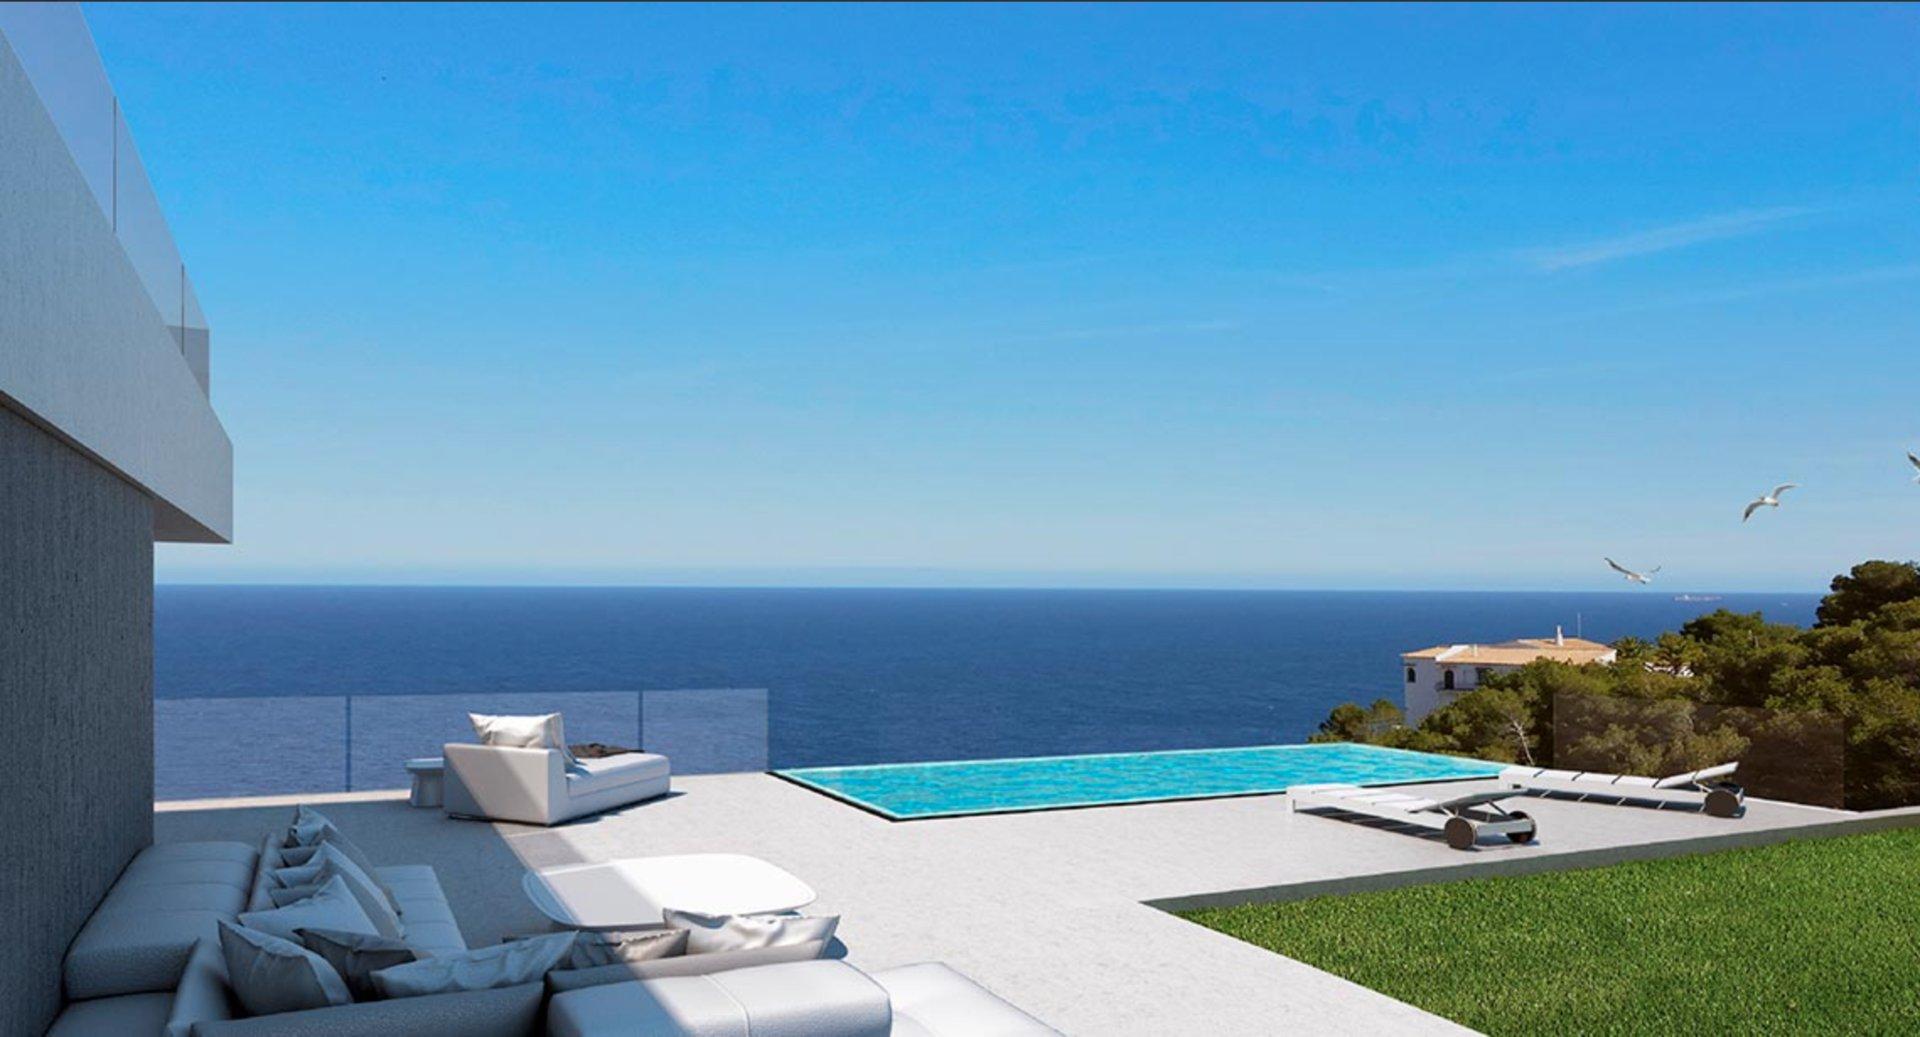 Mediterrane moderne villa met panoramisch uitzicht op zee